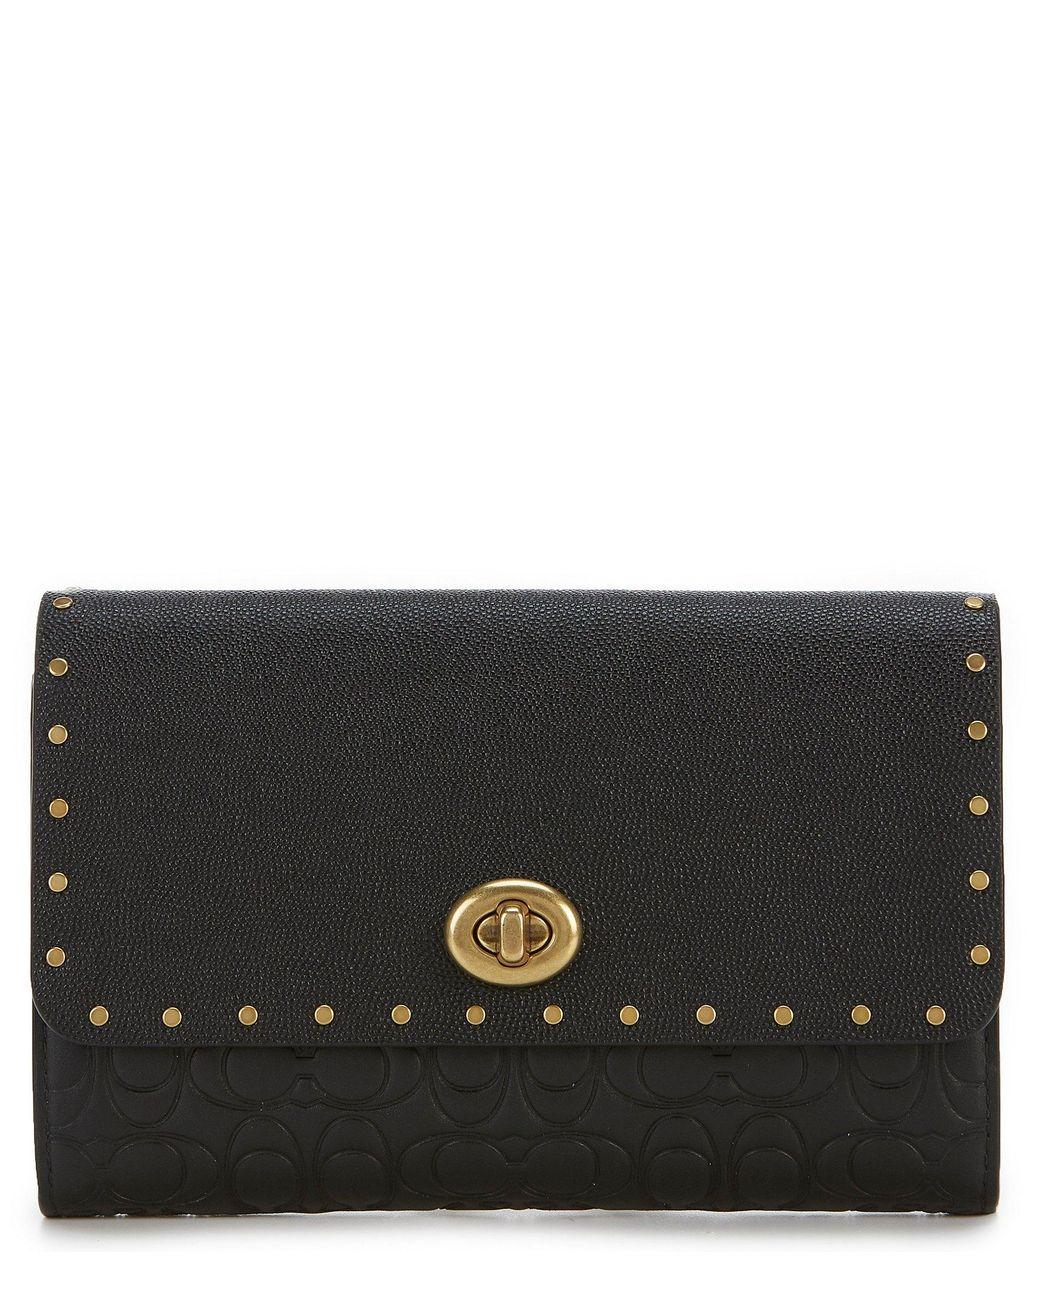 8d003782f Lyst - COACH Marlow Turnlock Chain Cross-body Bag in Black